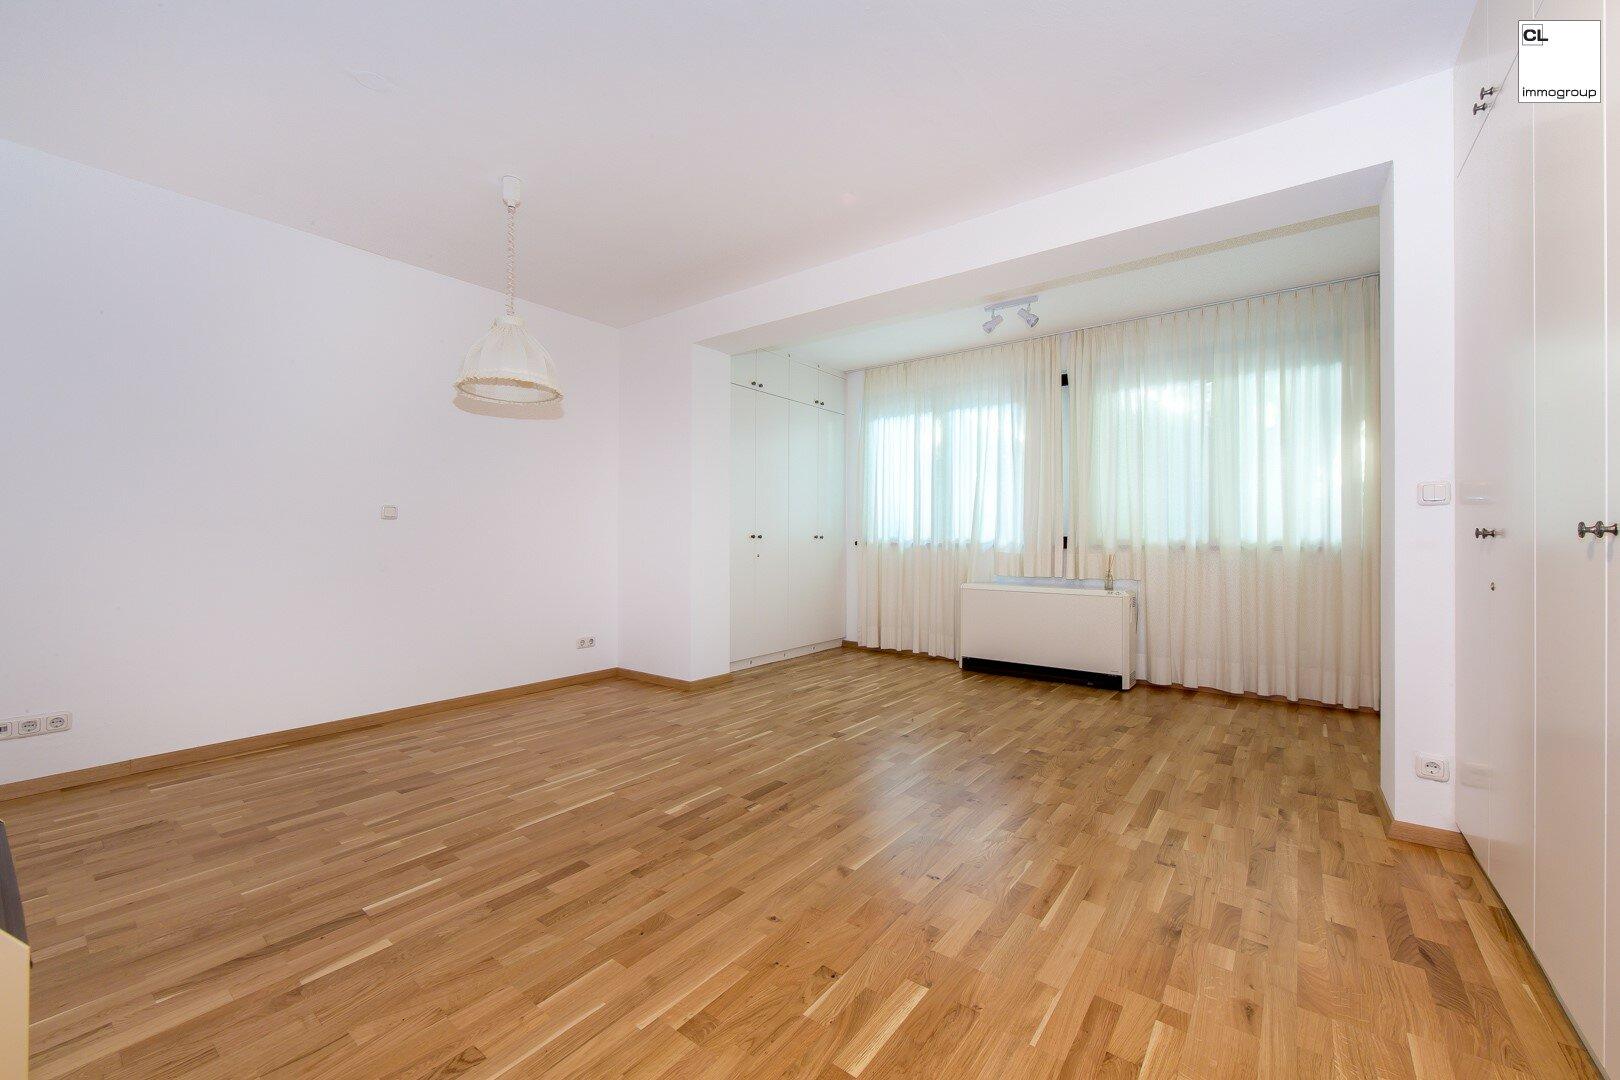 Großes Schlafzimmer mit Einbauschränken